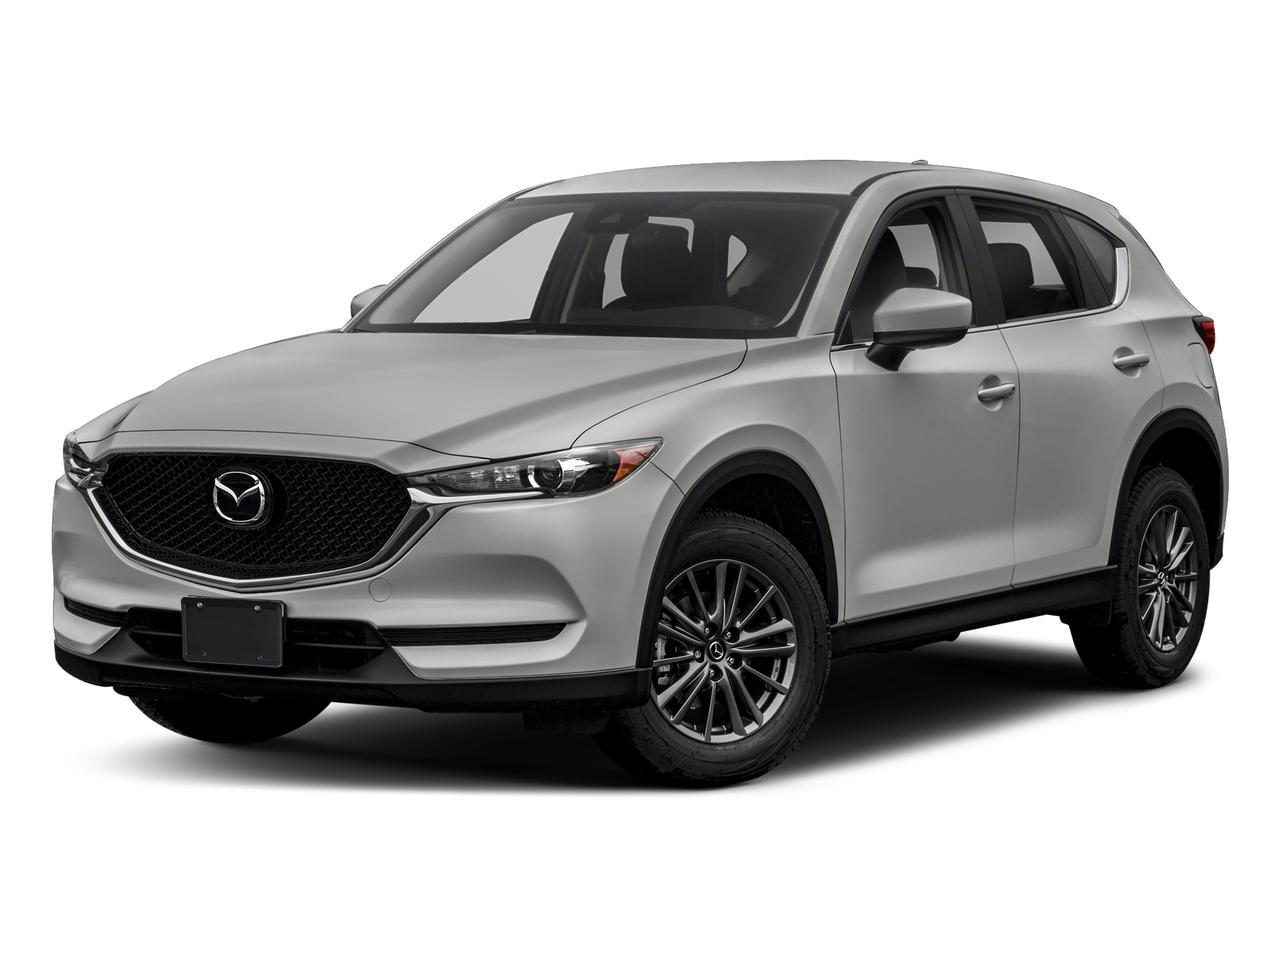 2018 Mazda CX-5 Vehicle Photo in Merrillville, IN 46410